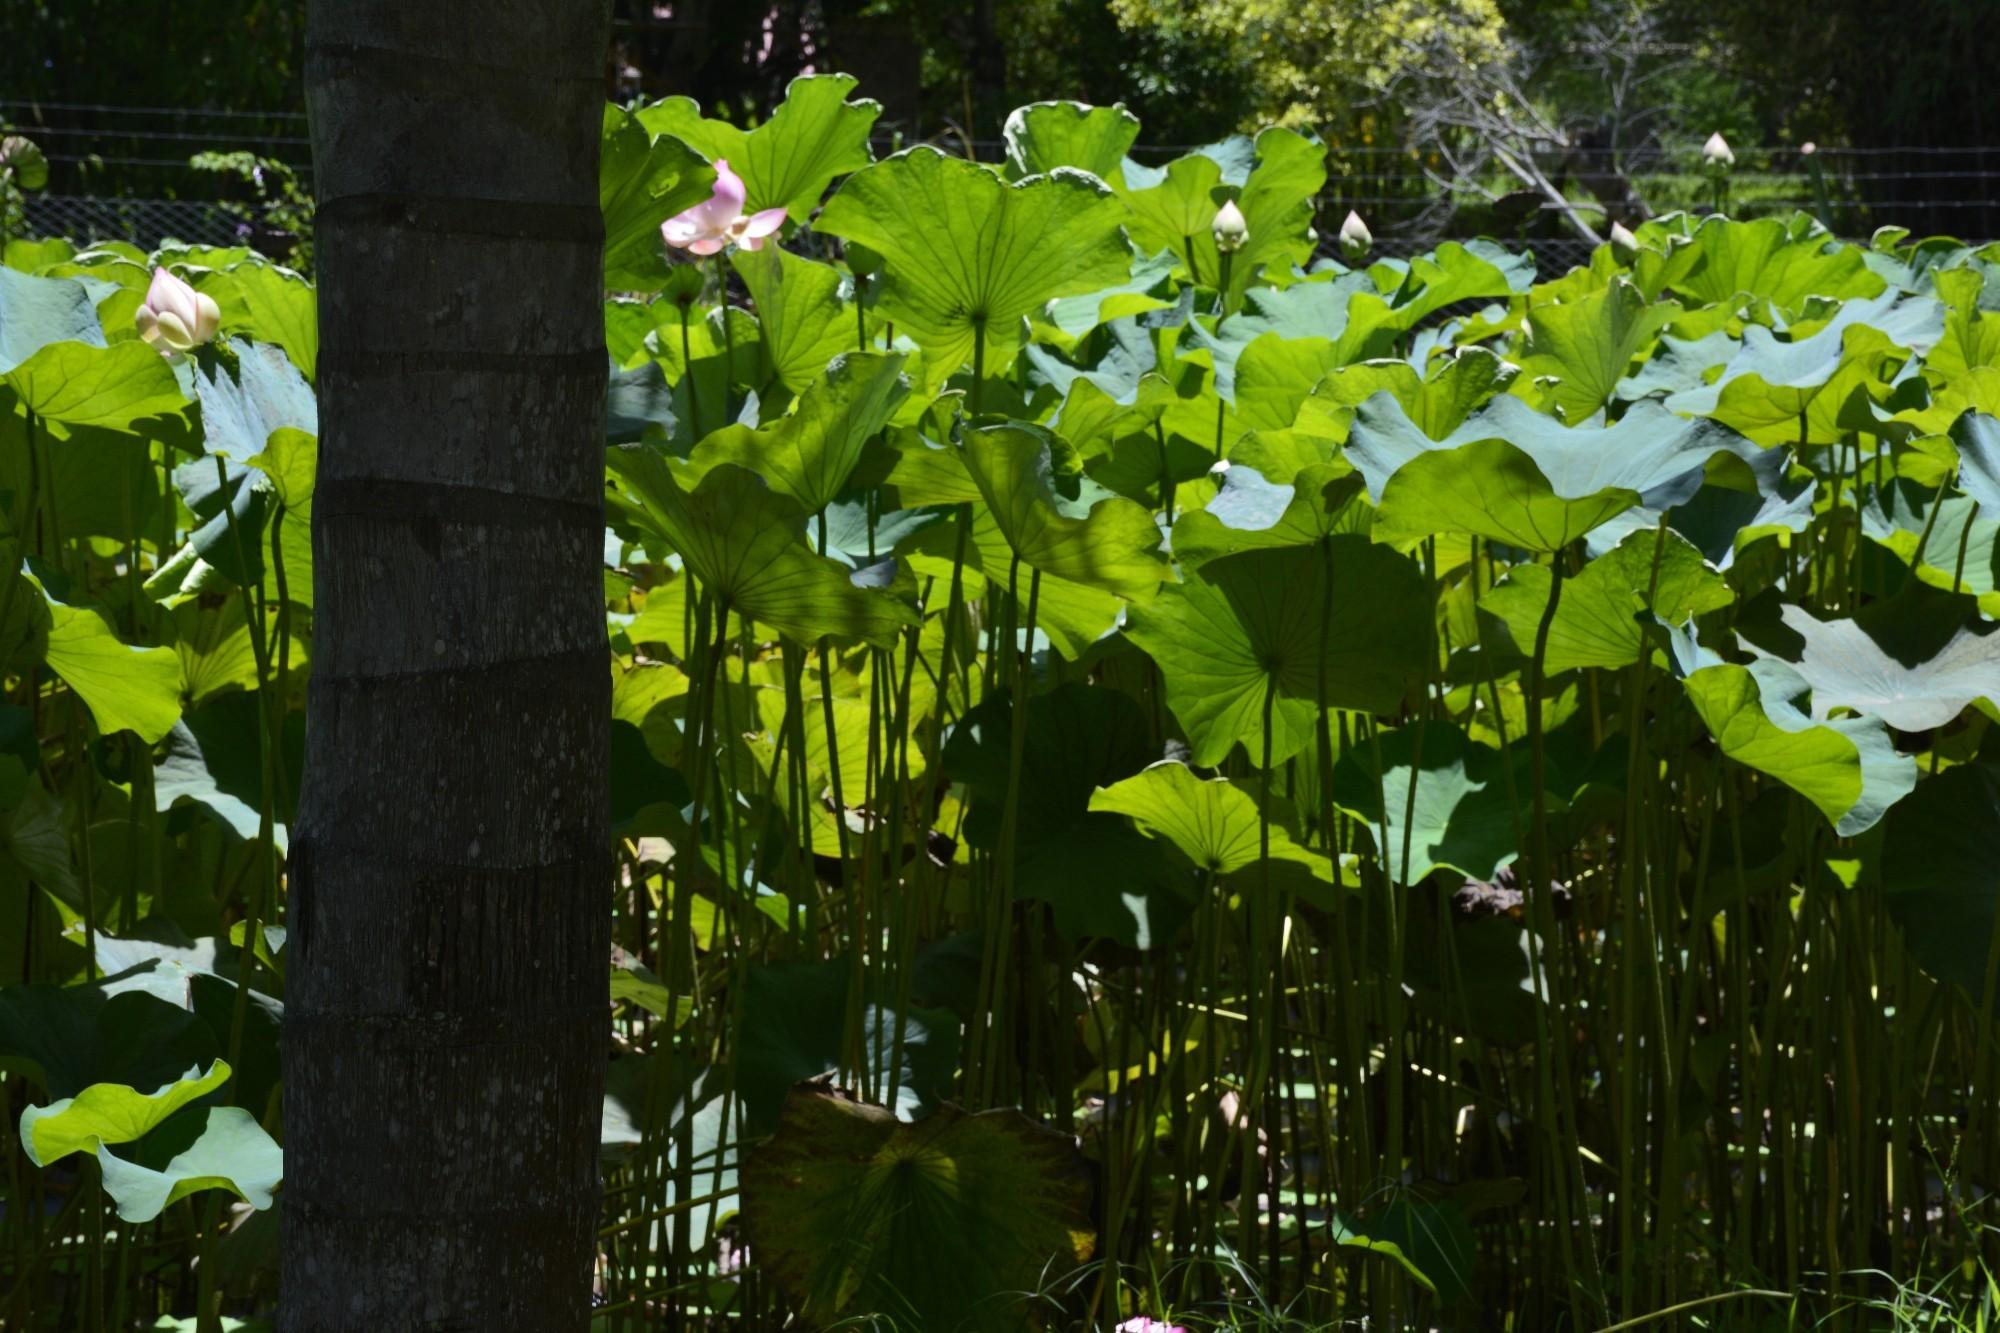 verdure-luxuriante-sous-lesl-tropiques-wallpaper